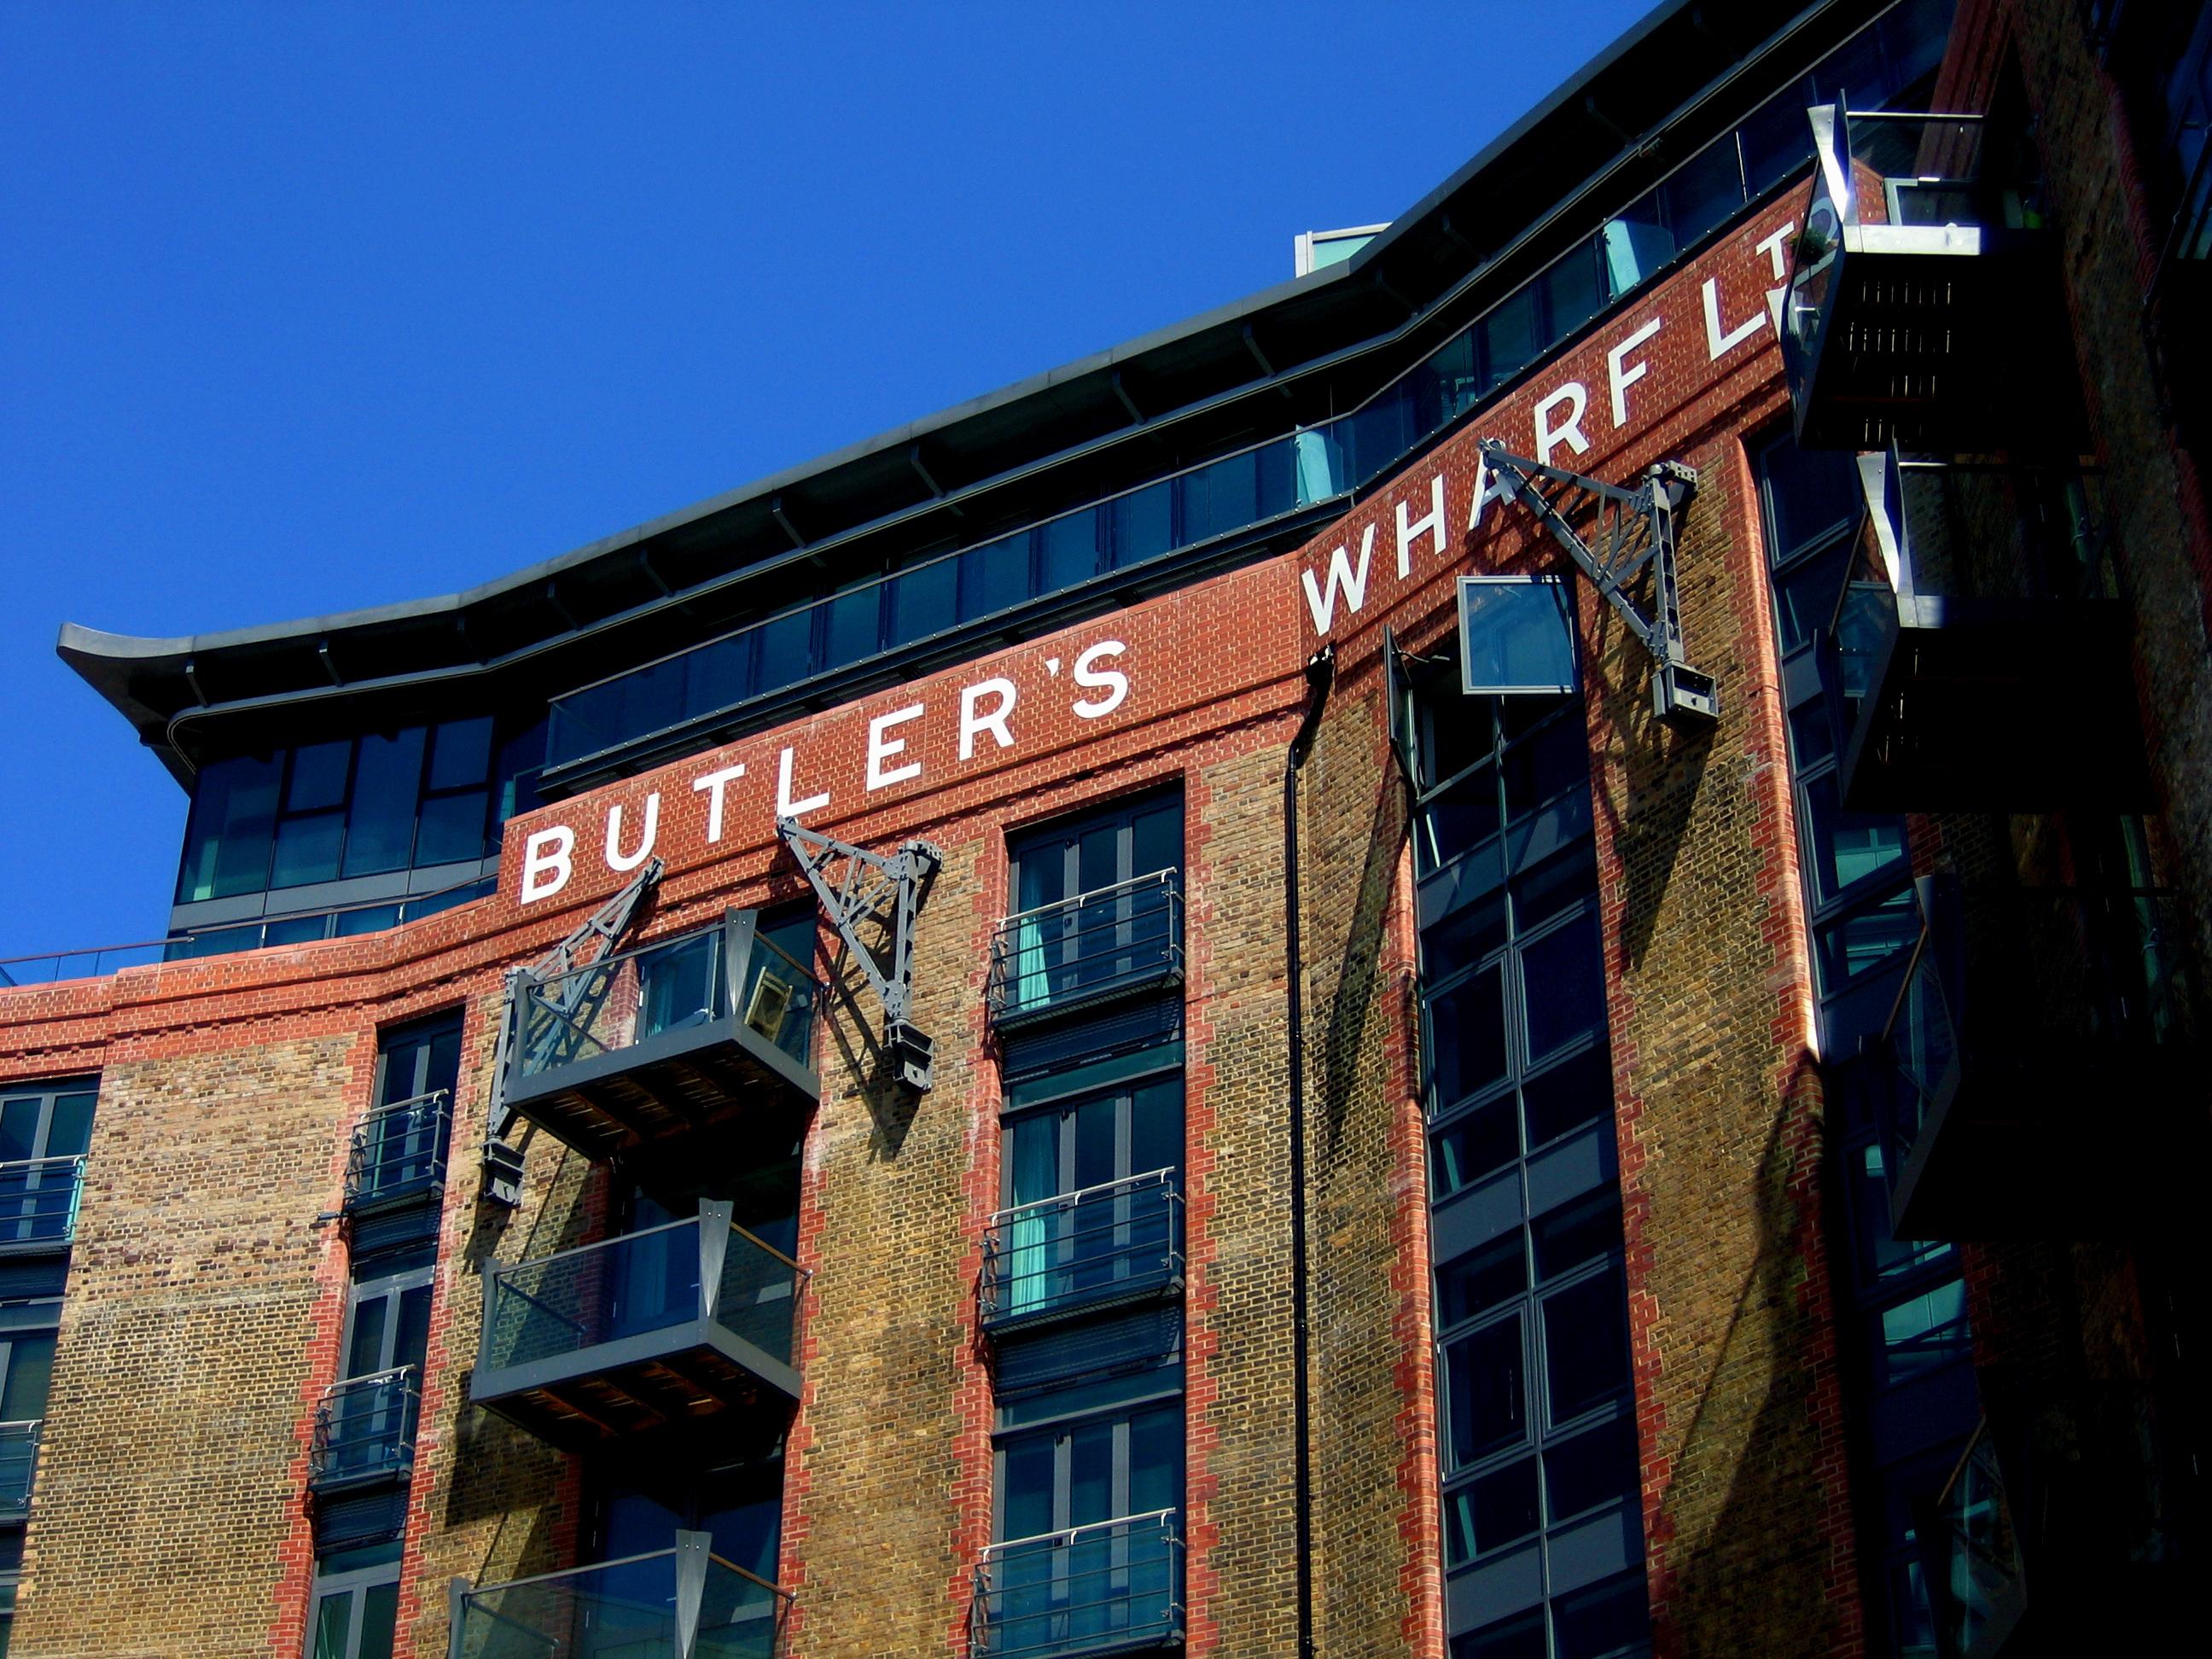 Butlers Wharf.JPG